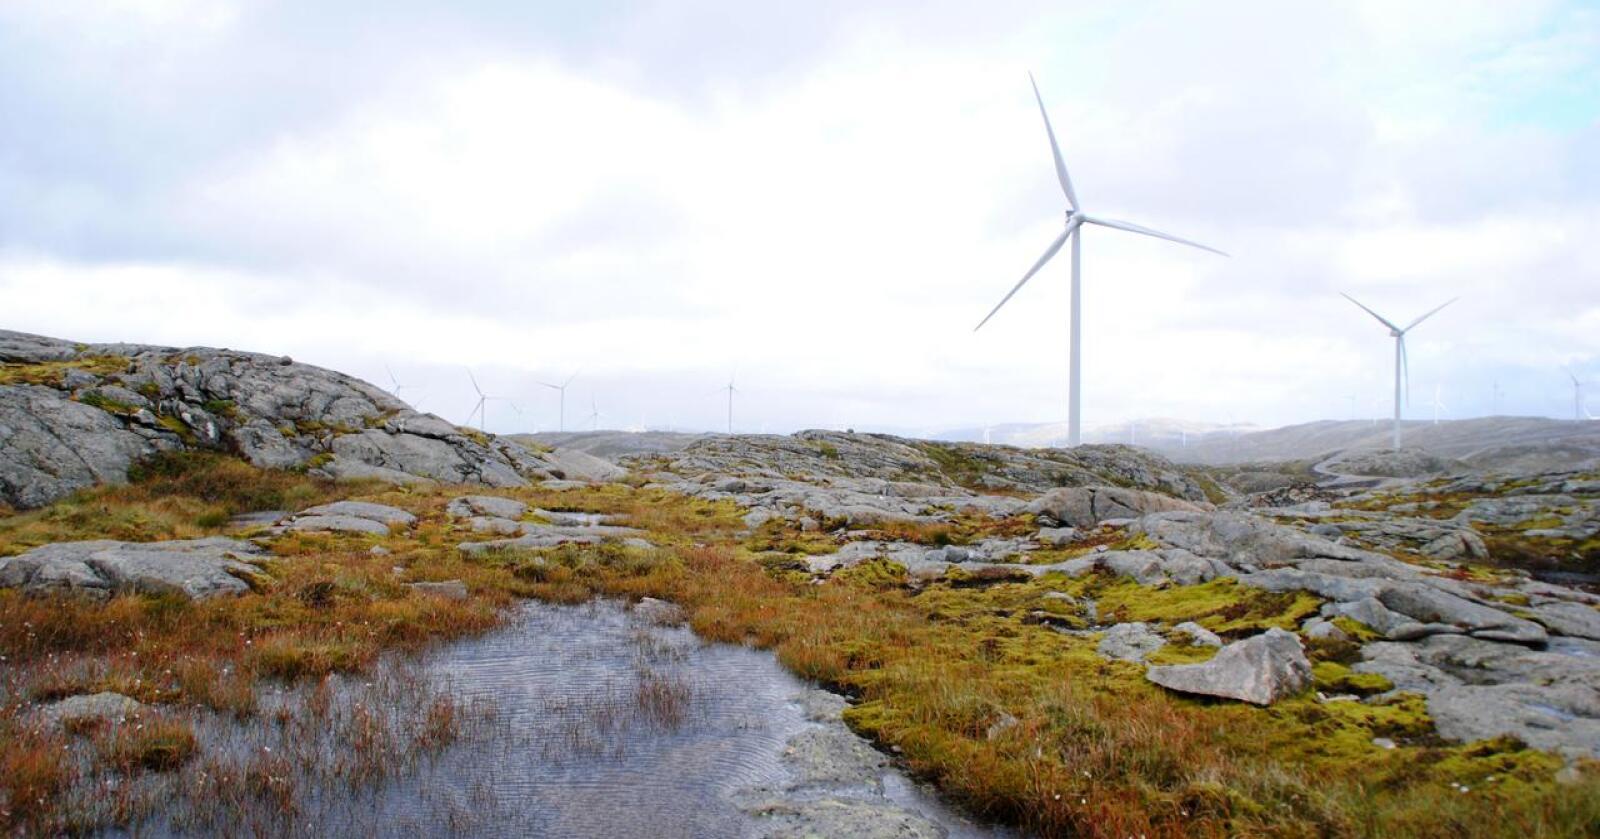 Høyesterett mener at vindkraftutbyggingen vil ha en vesentlig negativ effekt på reineiernes mulighet til å utøve sin kultur på Fosen. – Det er en veldig viktig dom i reindriftsnæringen, sier advokat Andres Brønner i Sør-Fosen Sitje til NRK. Foto: Lars Bilit Hagen, Nationen